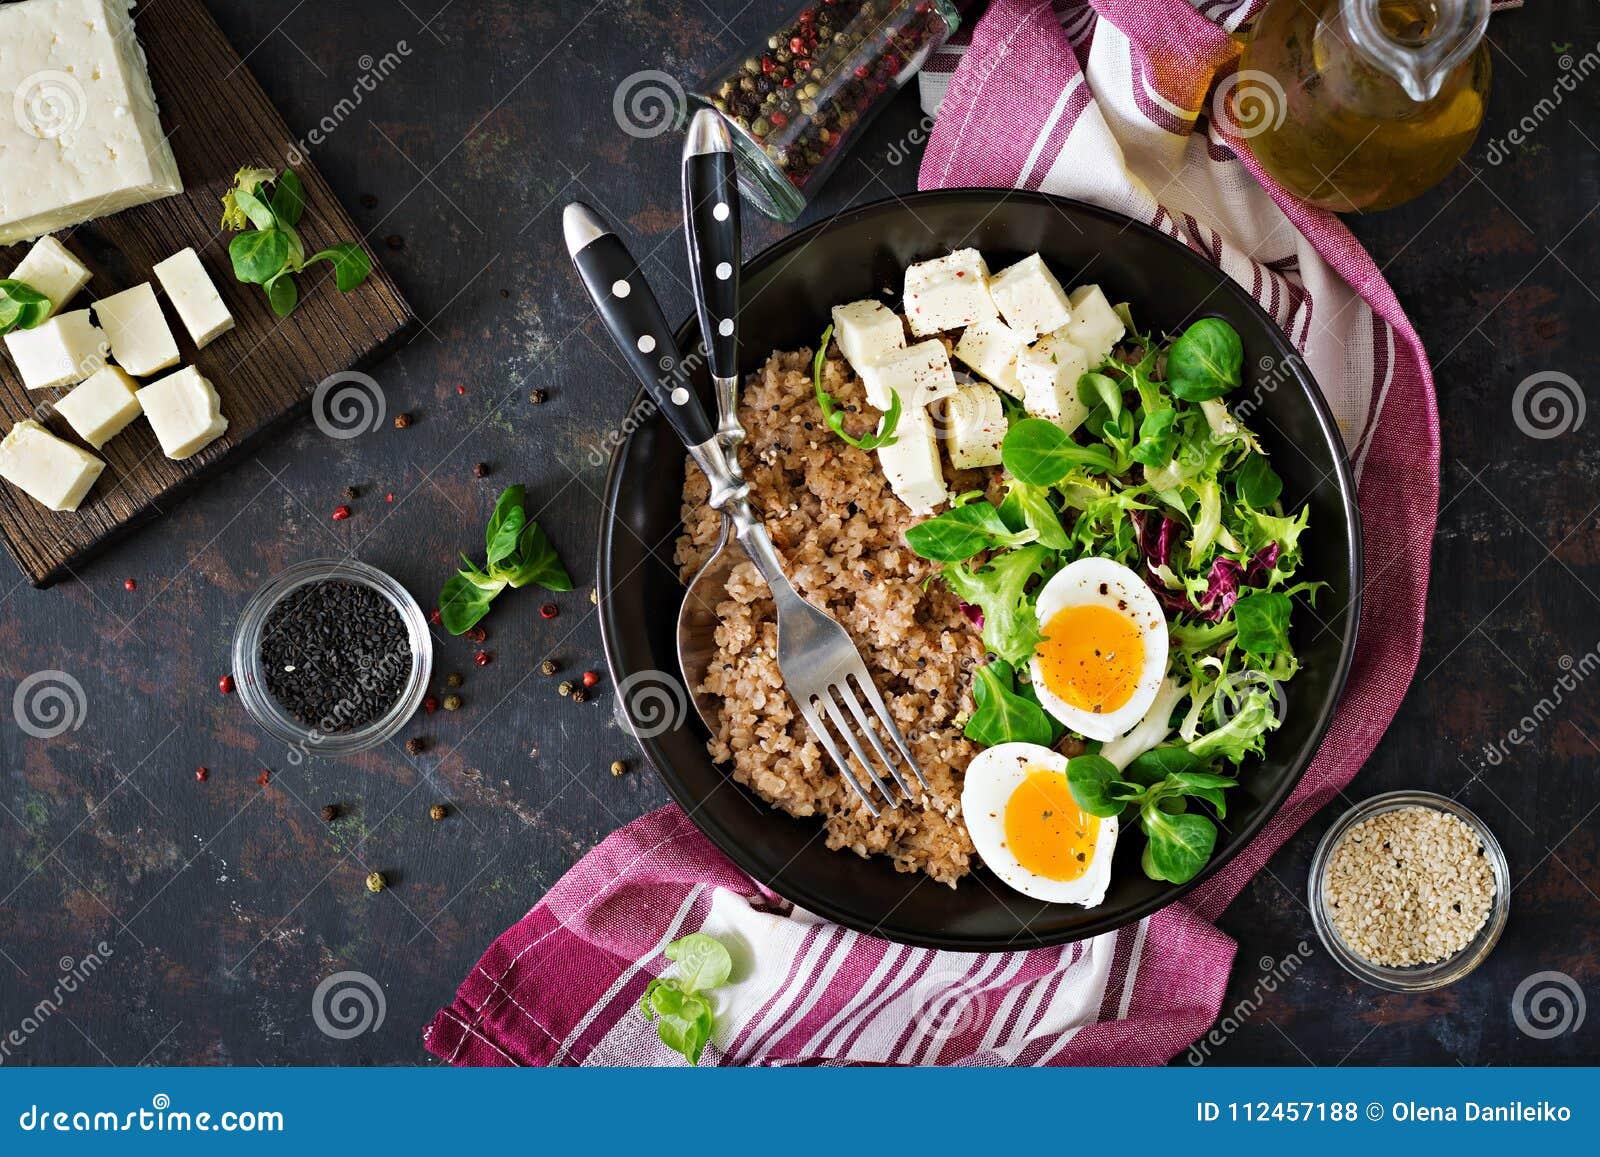 Zdrowy śniadanie z jajka, sera, sałaty i gryki owsianką na ciemnym tle, Właściwy odżywianie żywienioniowy menu